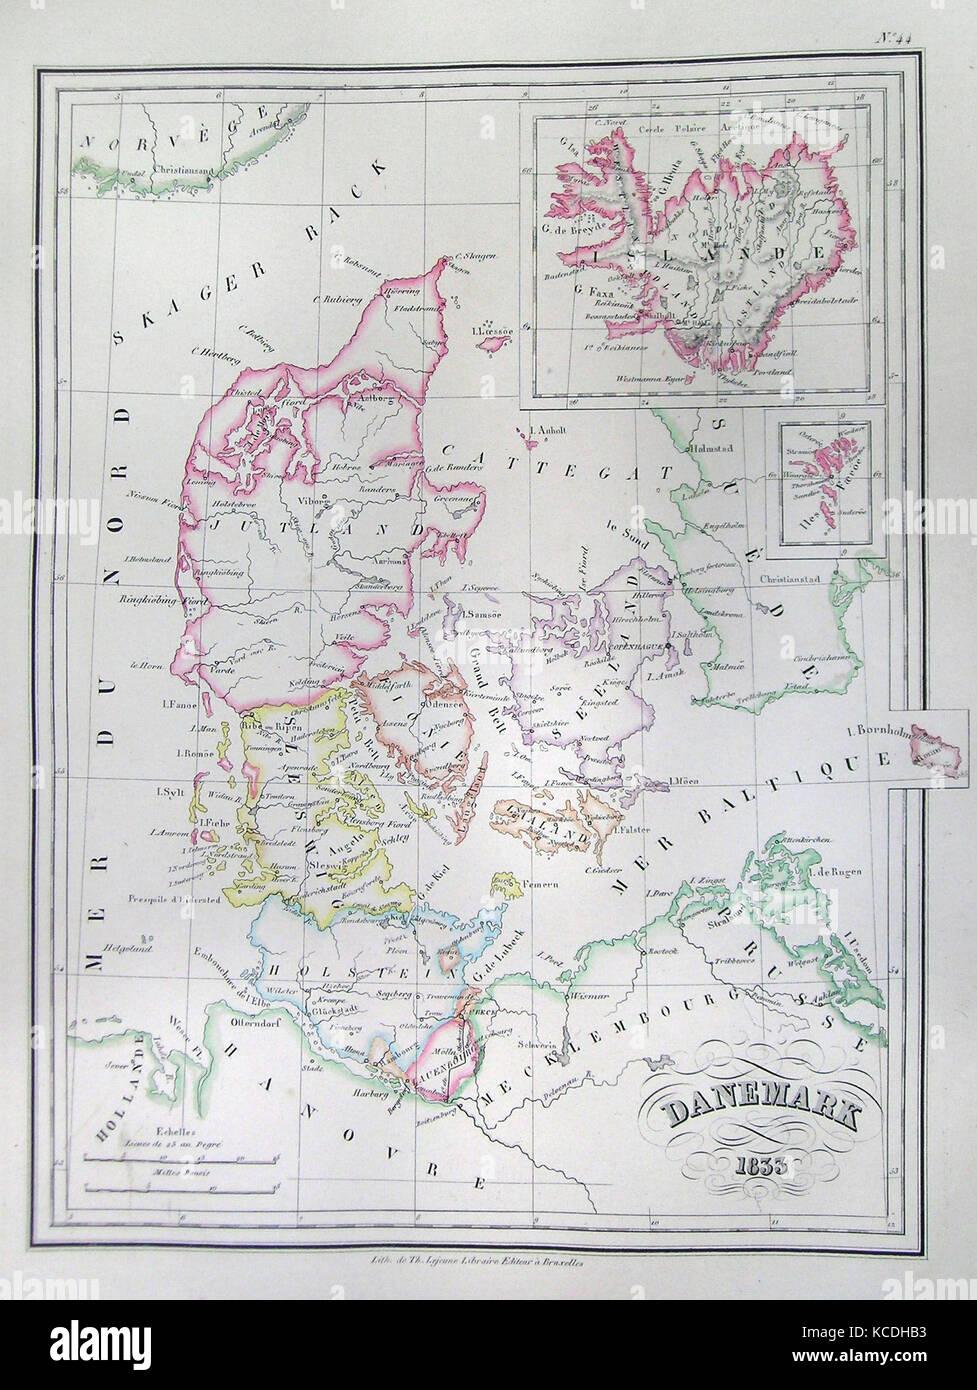 Färöer Inseln Karte.1833 Malte Brun Karte Von Dänemark Island Und Die Färöer Inseln